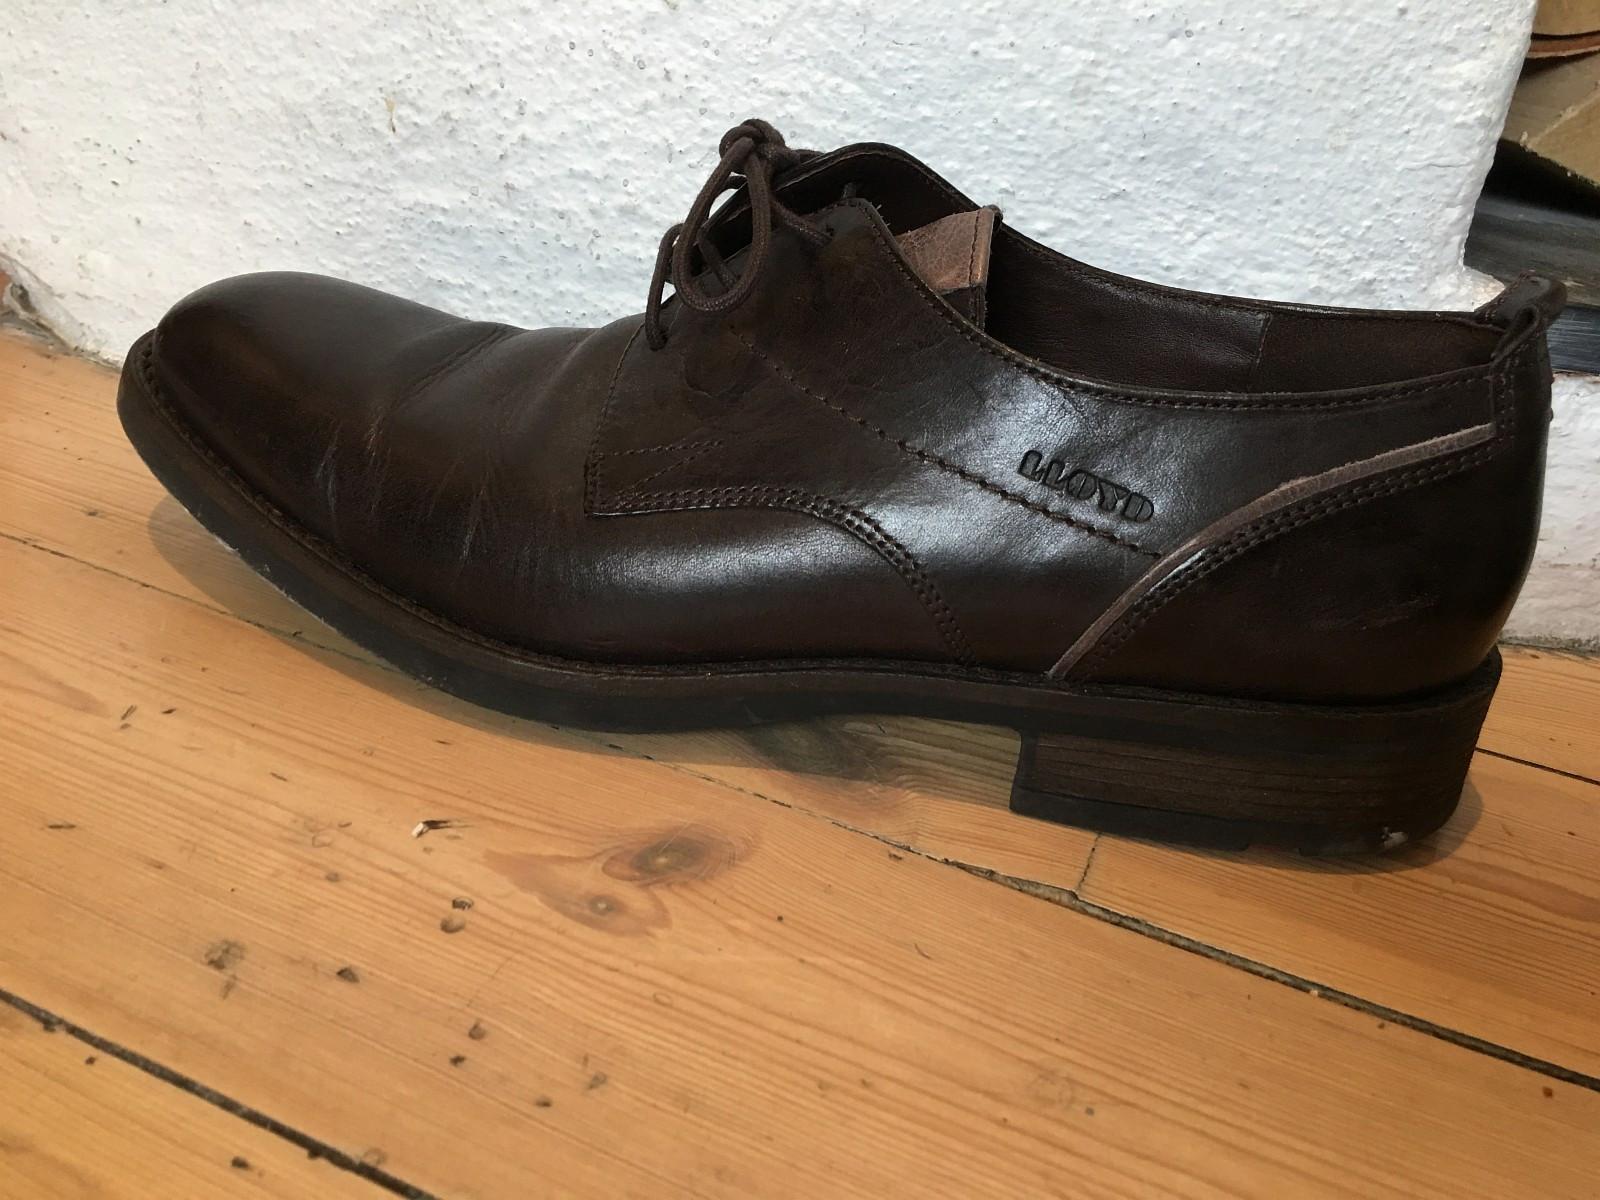 Lloyd Malvin sko brune 8,5 - Oslo  - Lloyd sko som kostet godt over 1000kr selges billig. Brukt en gang; selges da de er for små for meg.. Størrelse 8,5. Som veler str 42-43 - Oslo